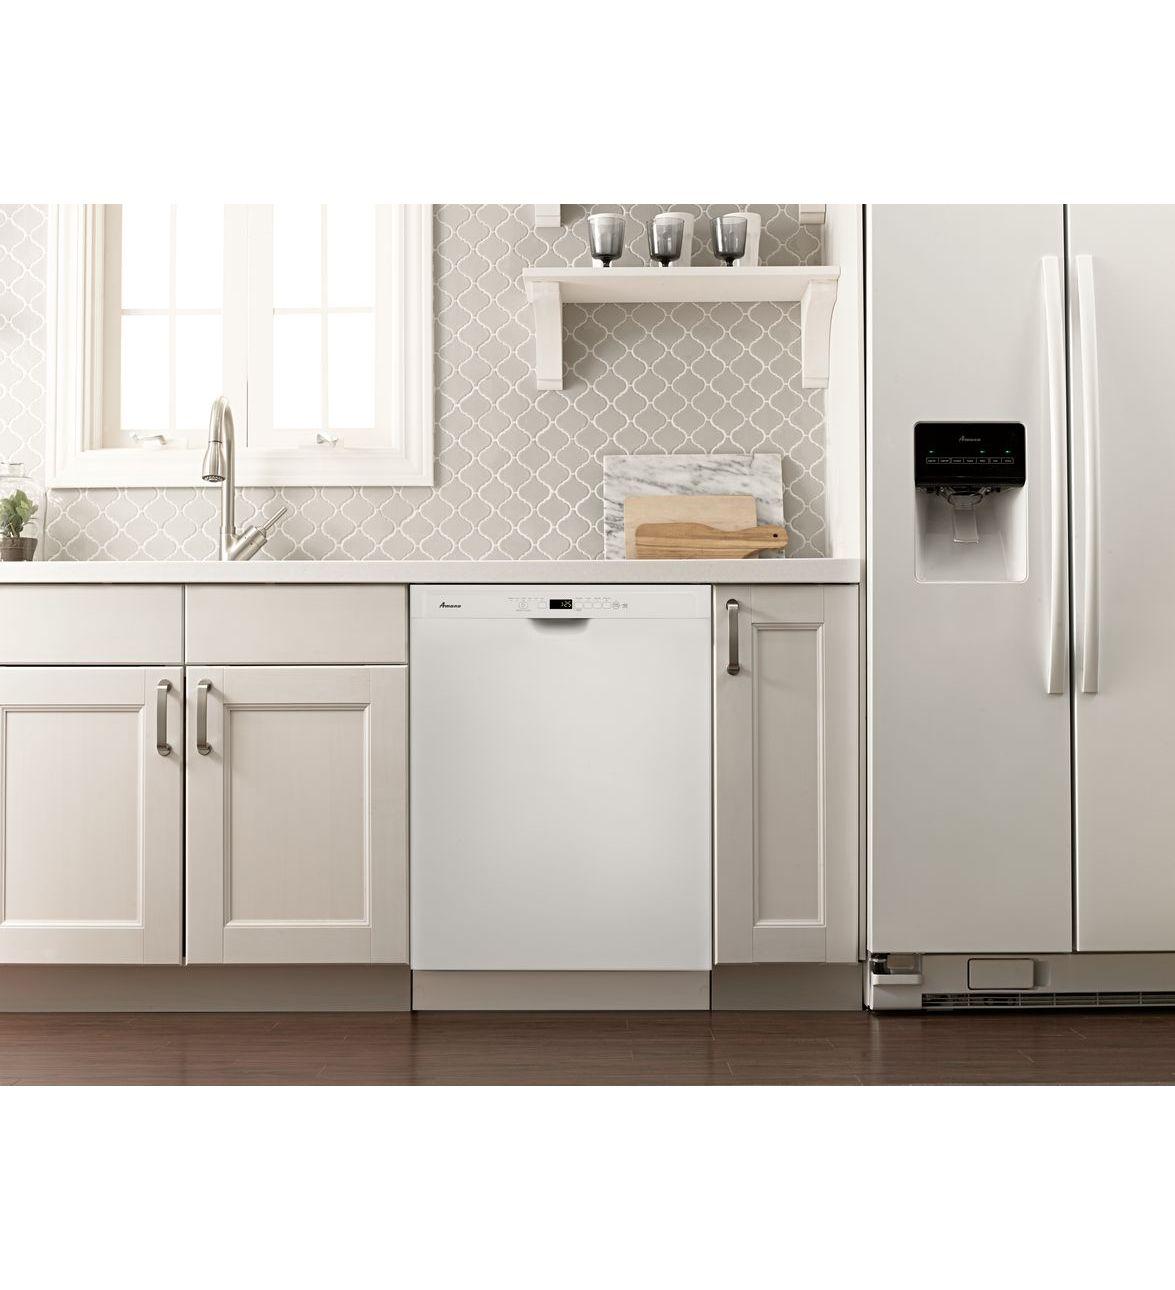 Adb1700adw lave vaisselle cuve haute amana avec for Interieur lave vaisselle